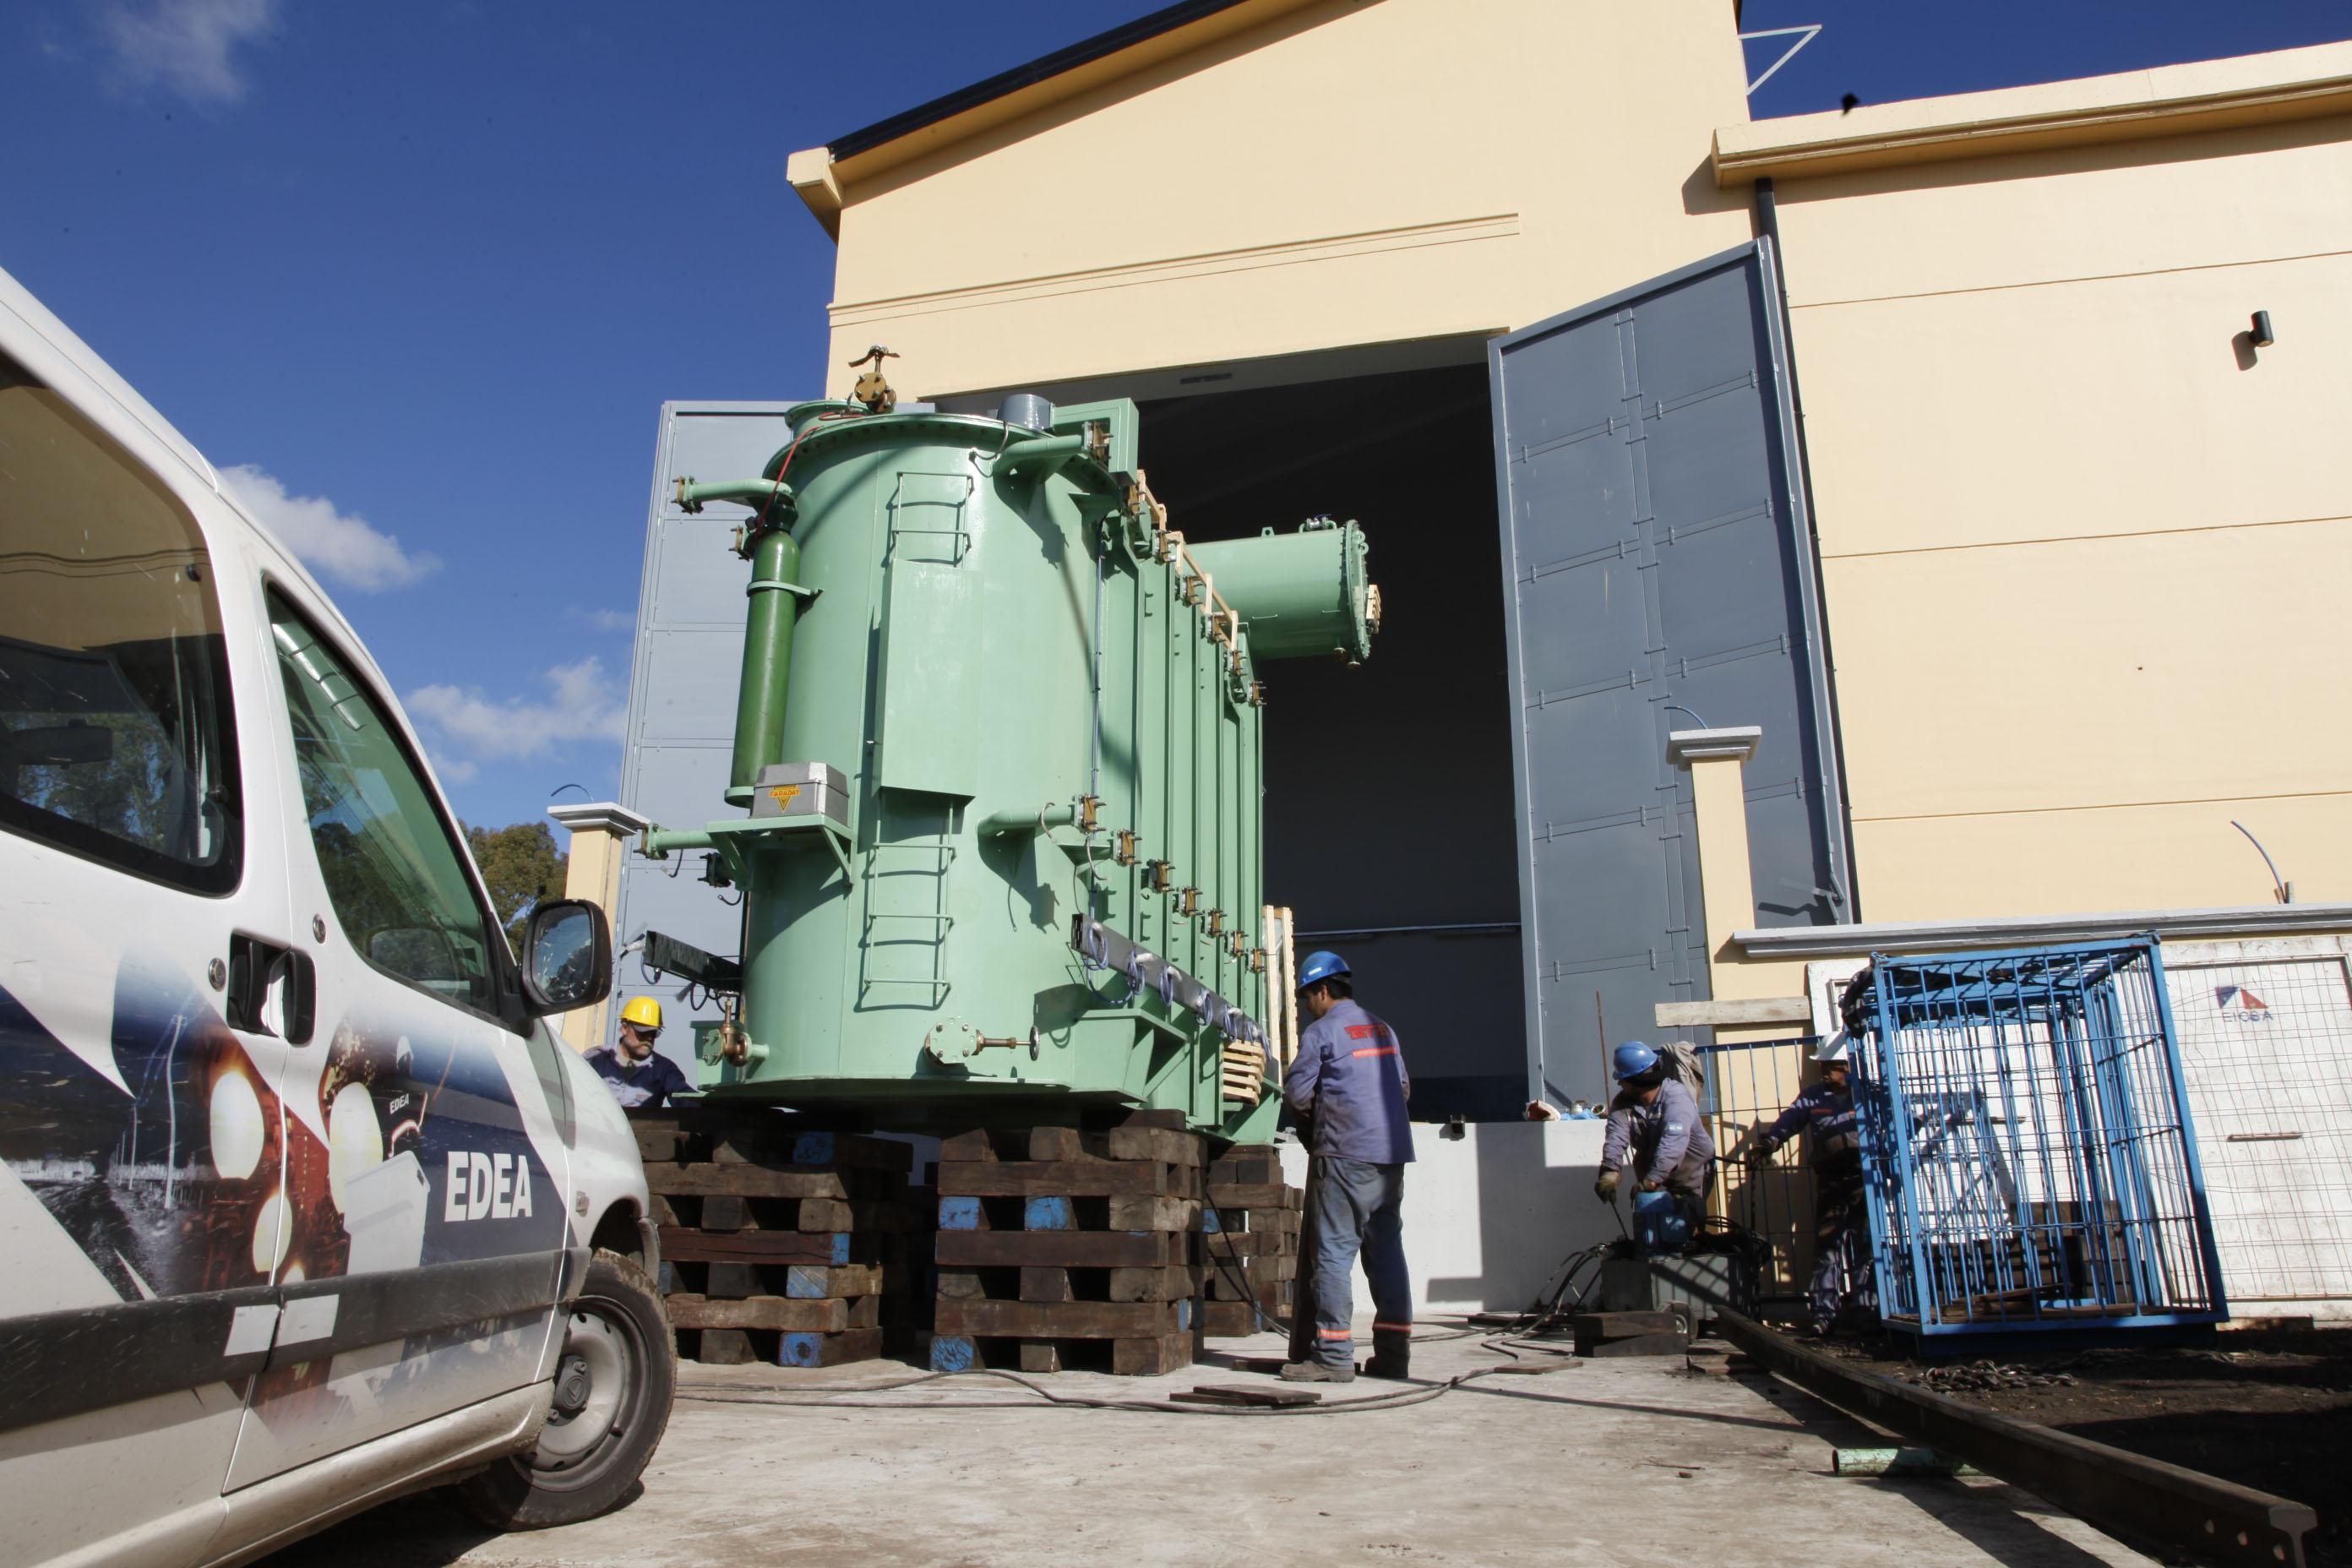 Luz y Fuerza Mar del Plata pide que le quiten la concesión a EDEA